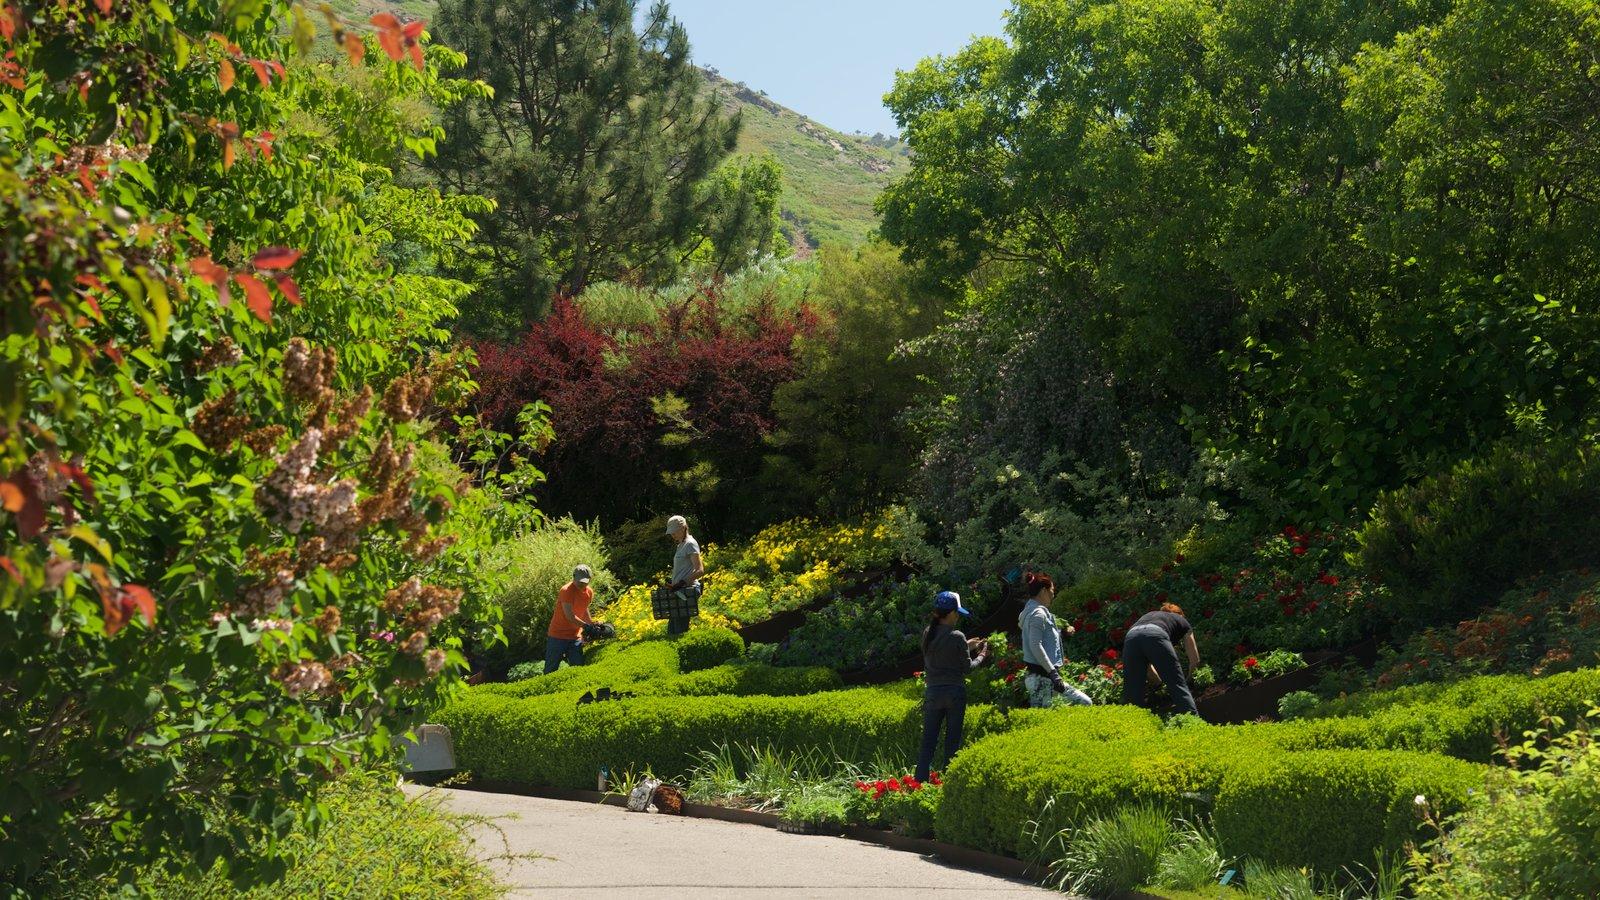 Jardín y arboretum Red Butte que incluye un parque y también un pequeño grupo de personas